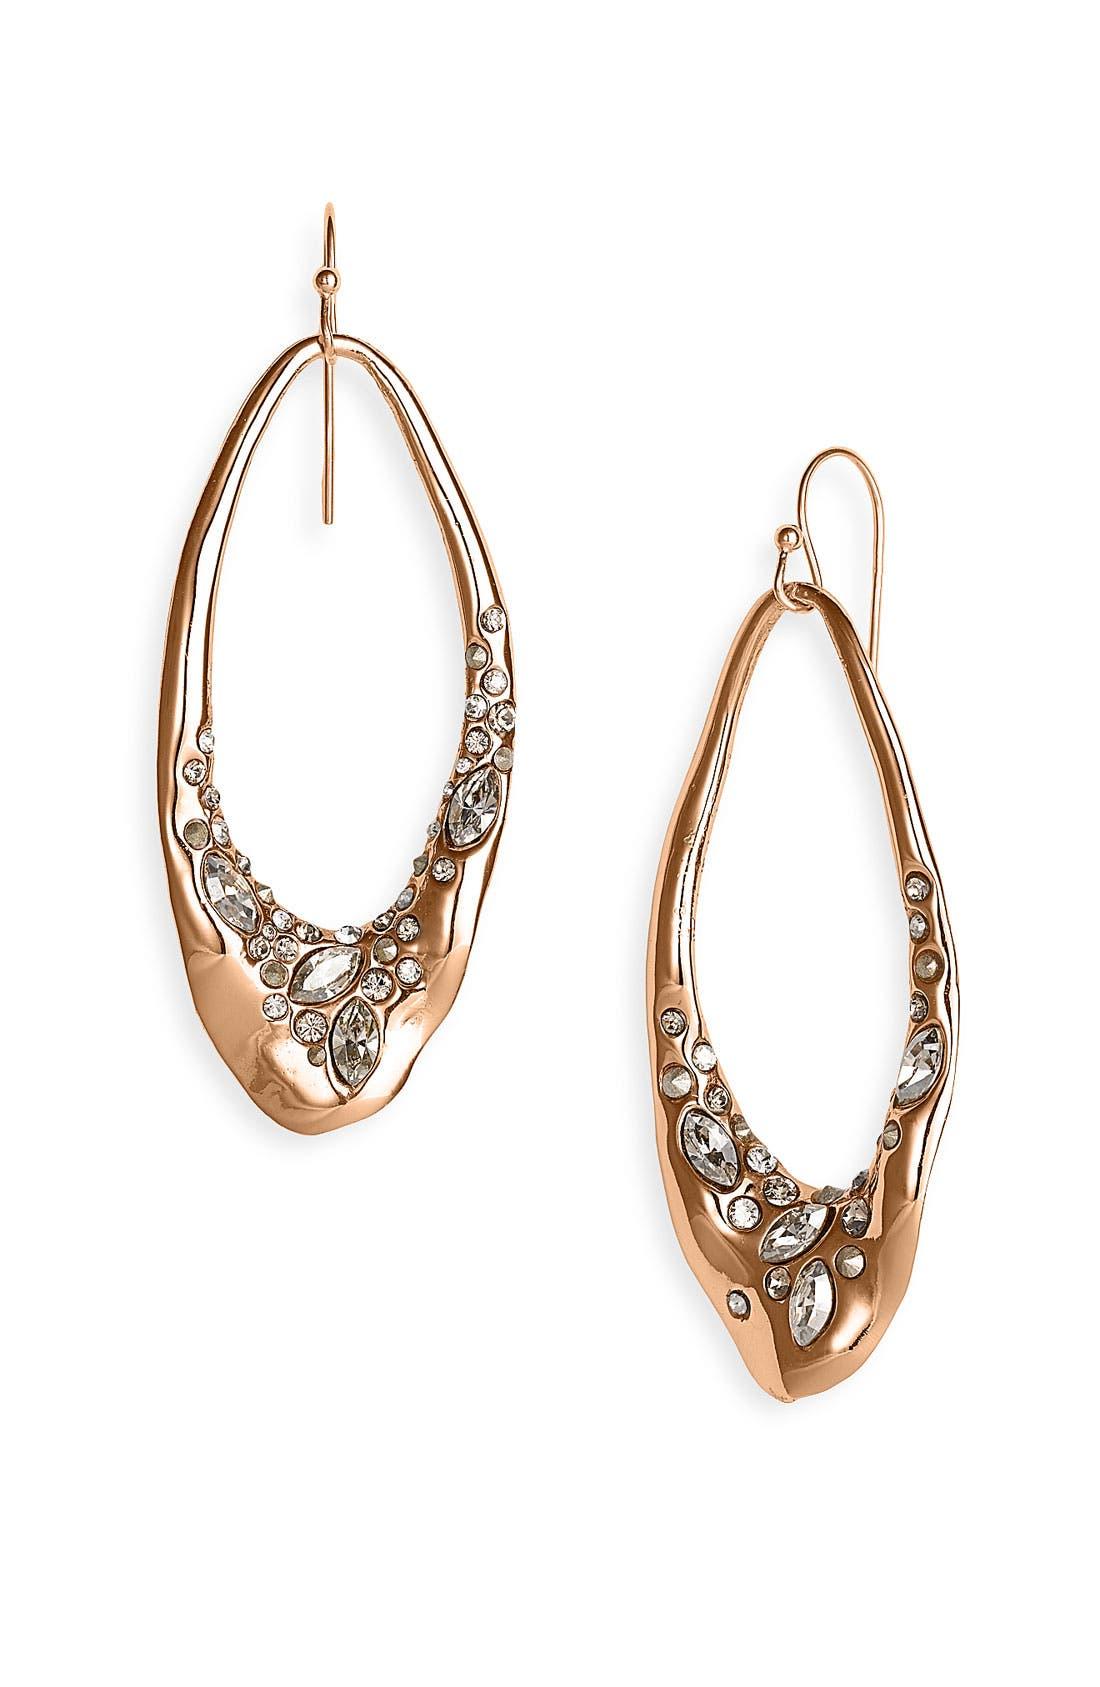 Alternate Image 1 Selected - Alexis Bittar 'Miss Havisham' Encrusted Liquid Link Earrings (Nordstrom Exclusive)